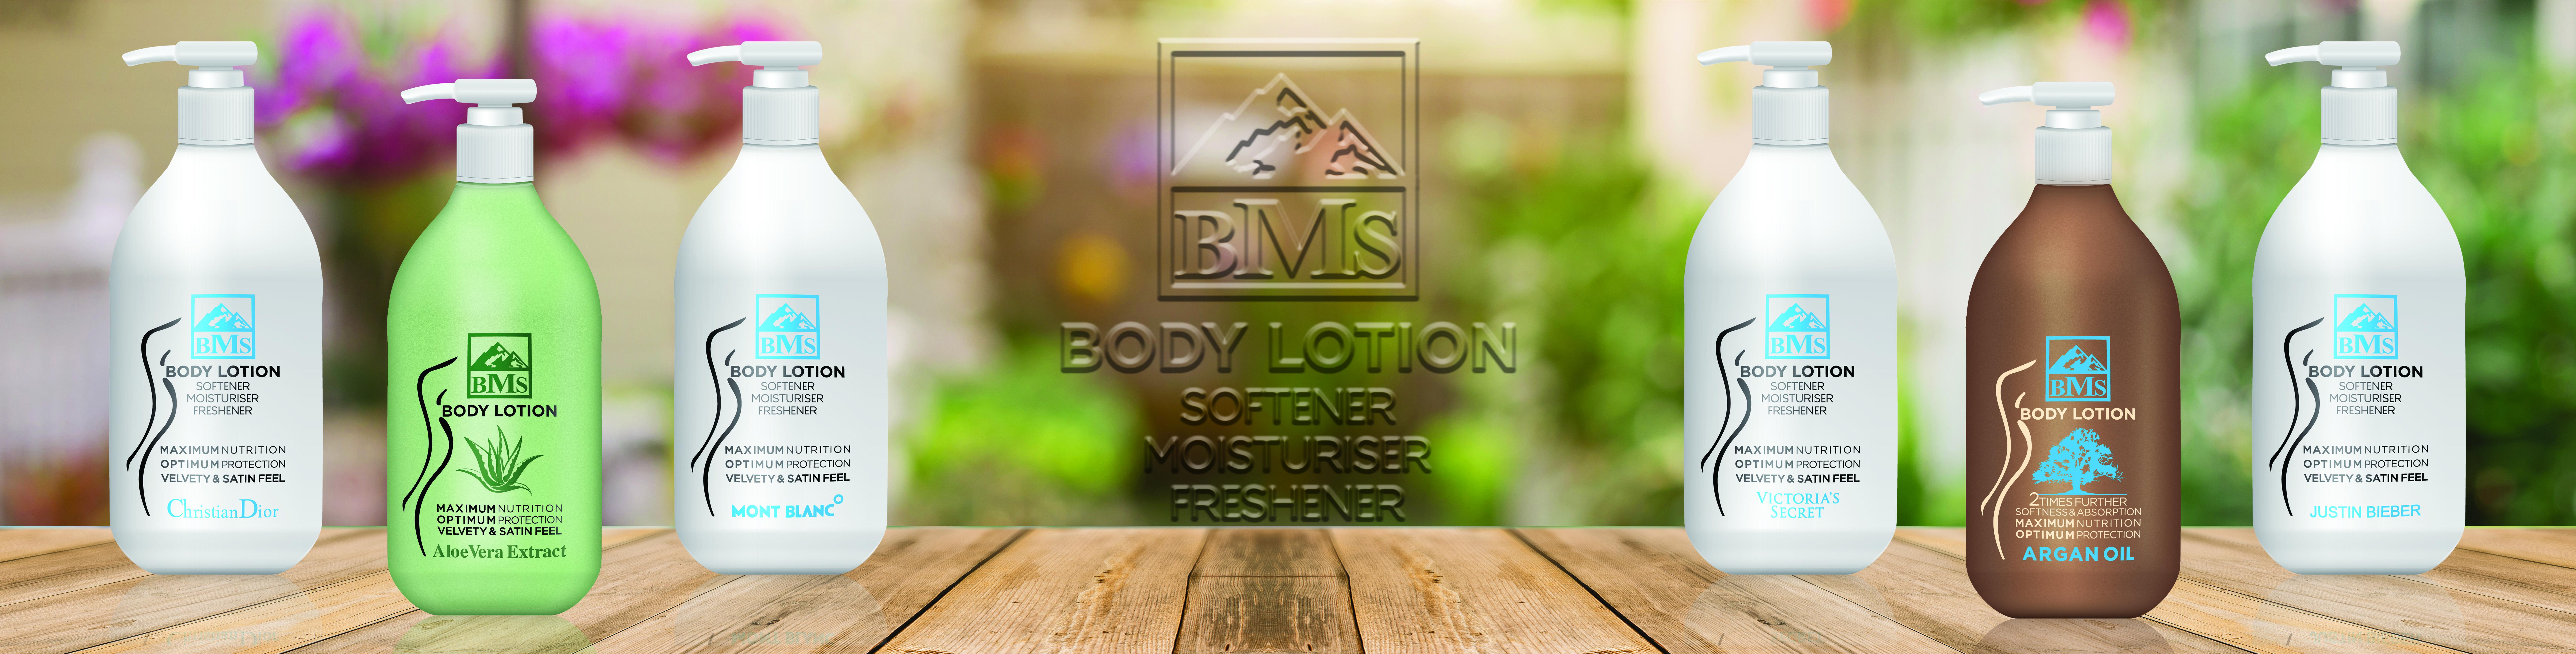 لوسیون بدن مرطوب کننده آلوئه ورا  BMS